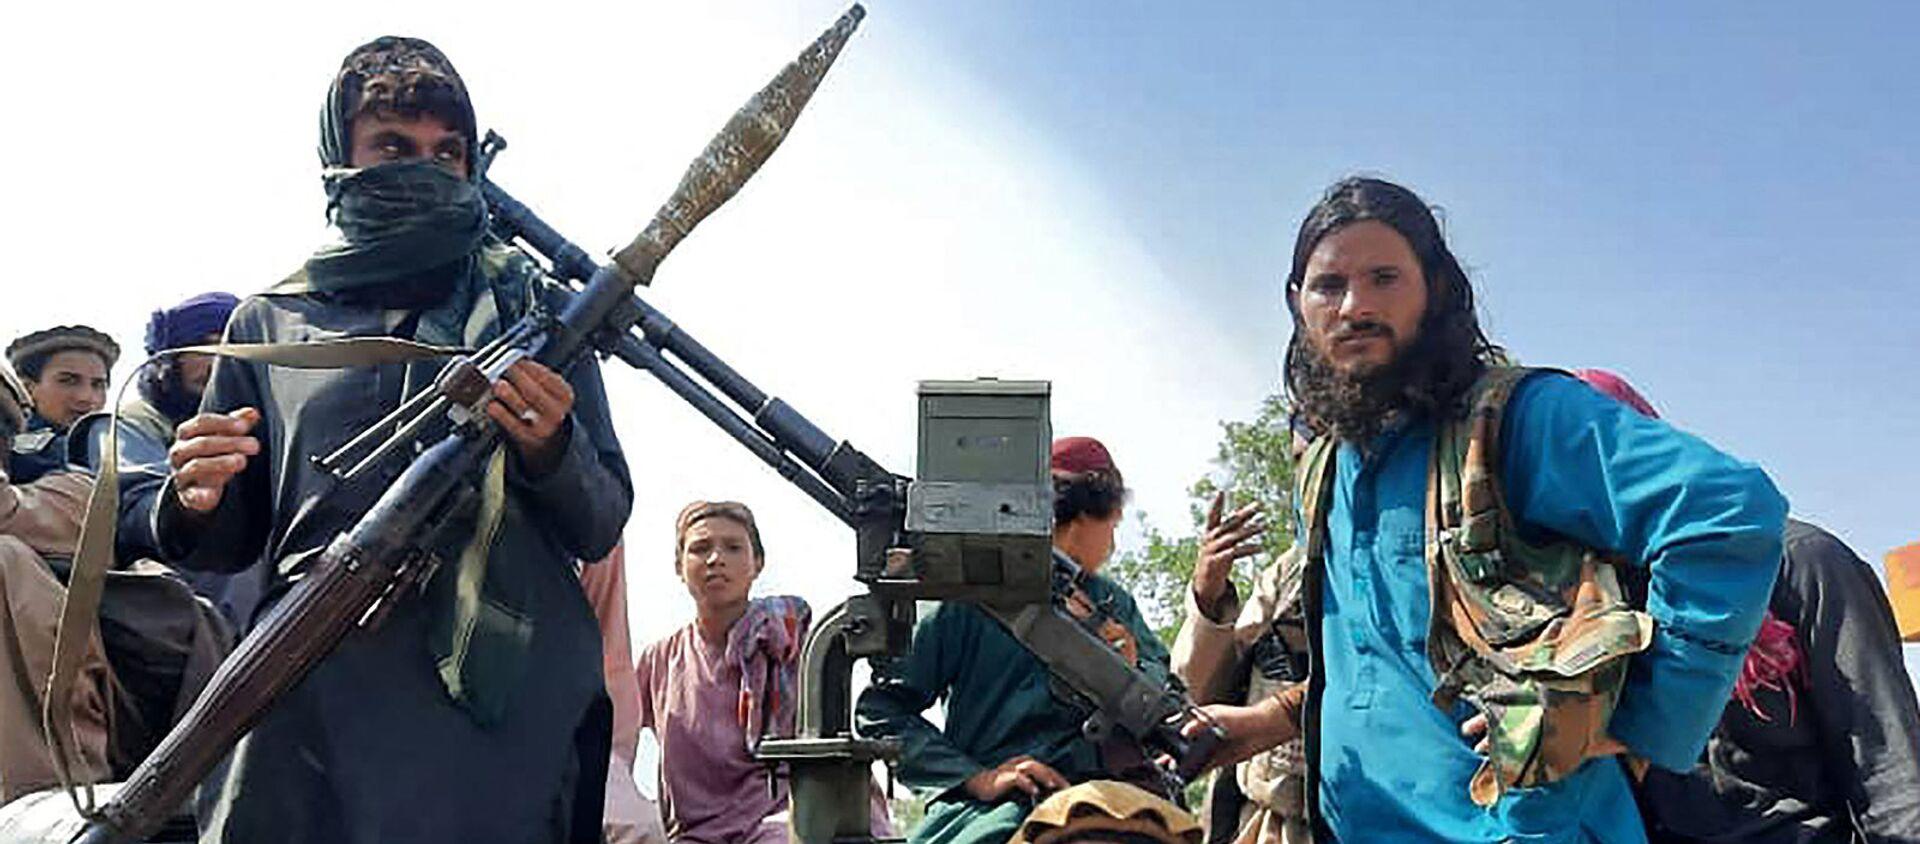 Боевики Талибана с гранатометами в провинции Лагман (15 августа 2021). Афганистан - Sputnik Армения, 1920, 15.08.2021